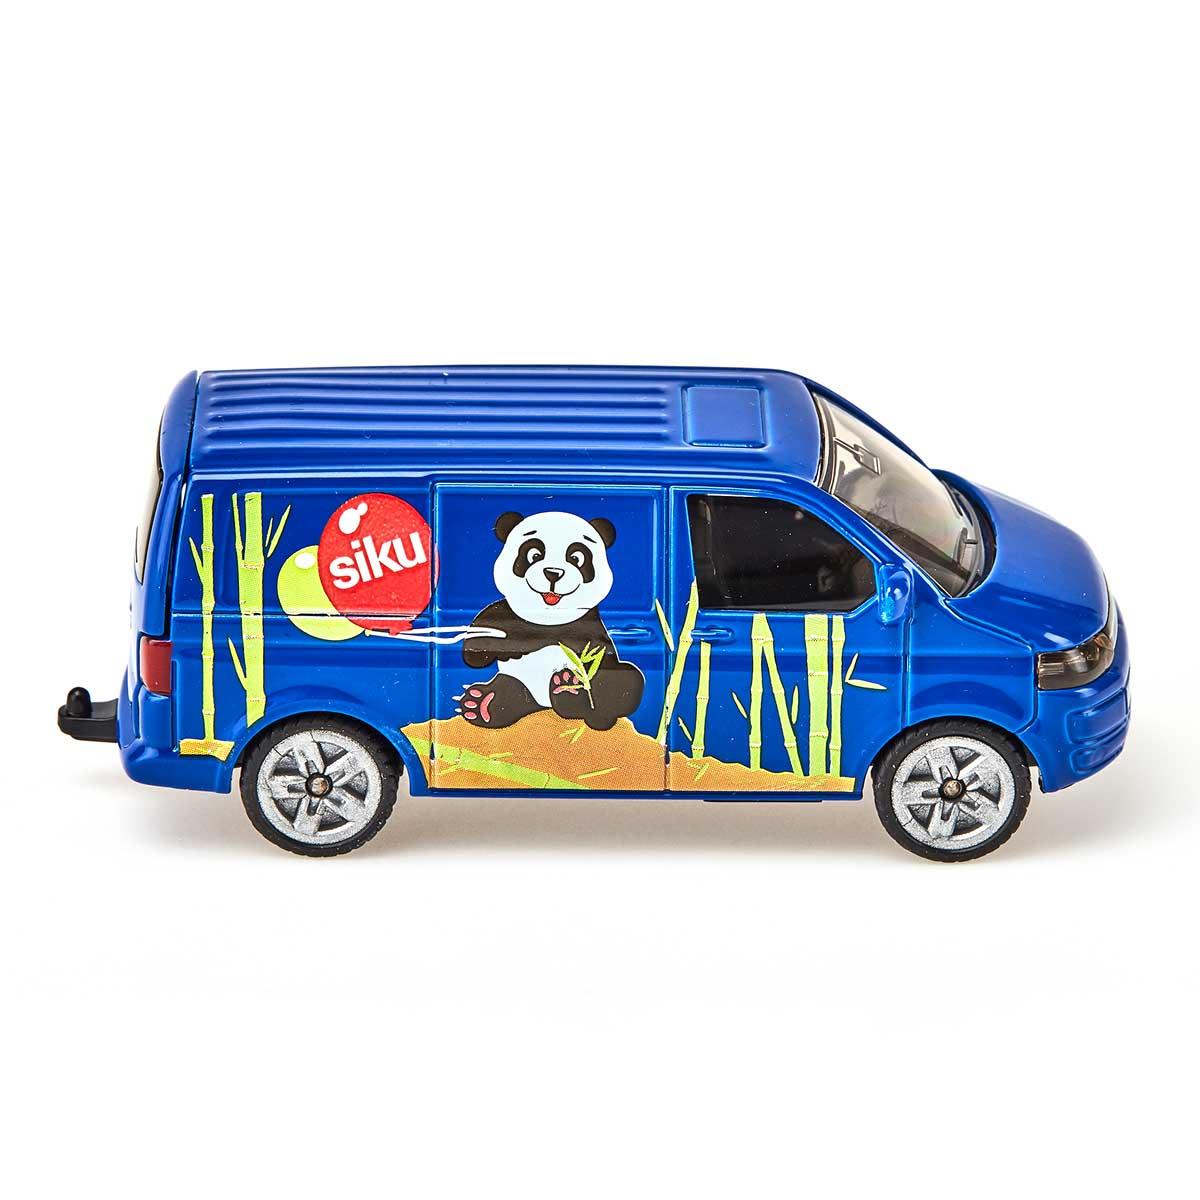 VW トランスポーター(ジク・SIKU)